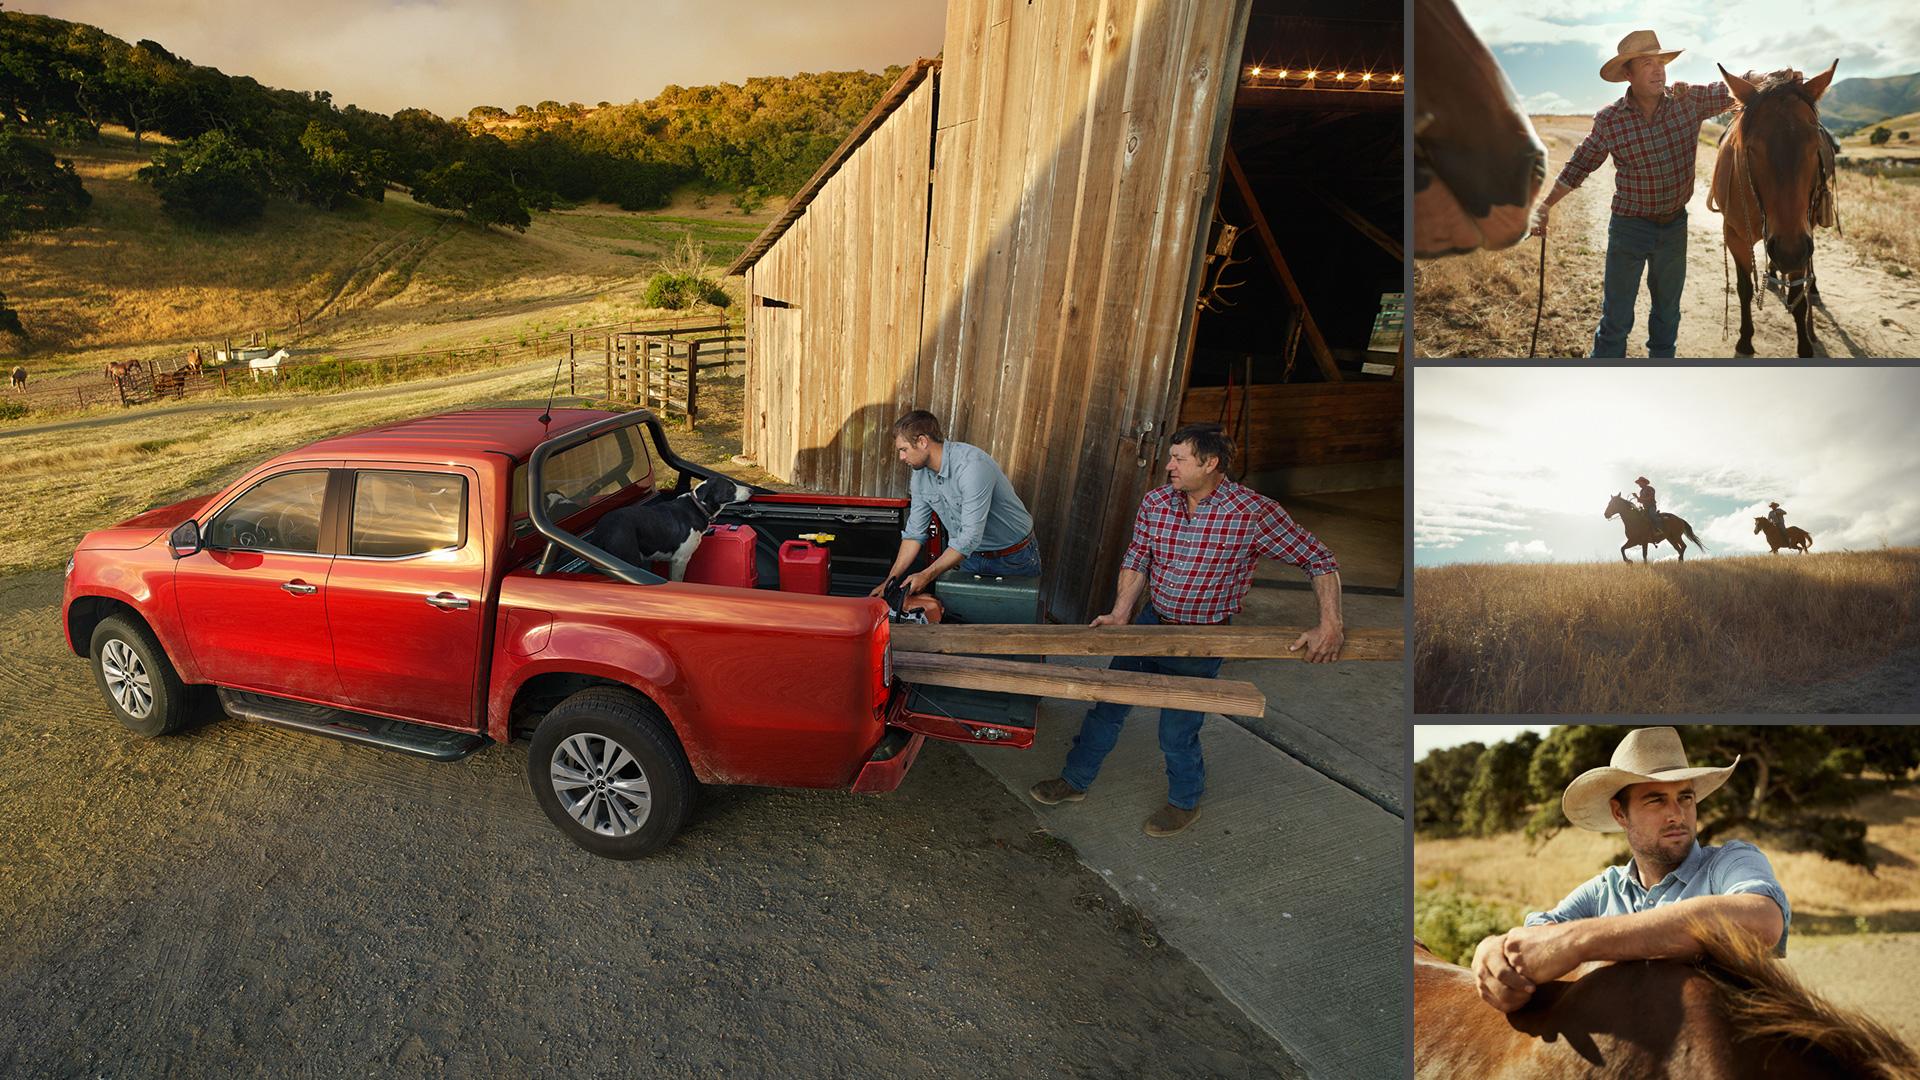 ©ankeluckmann x farmer, Mercedes Benz X-Klasse, Anke Luckmann, ©ankeluckmann, campaign, LLR, kai tietz, www.ankeluckmann.com, recom